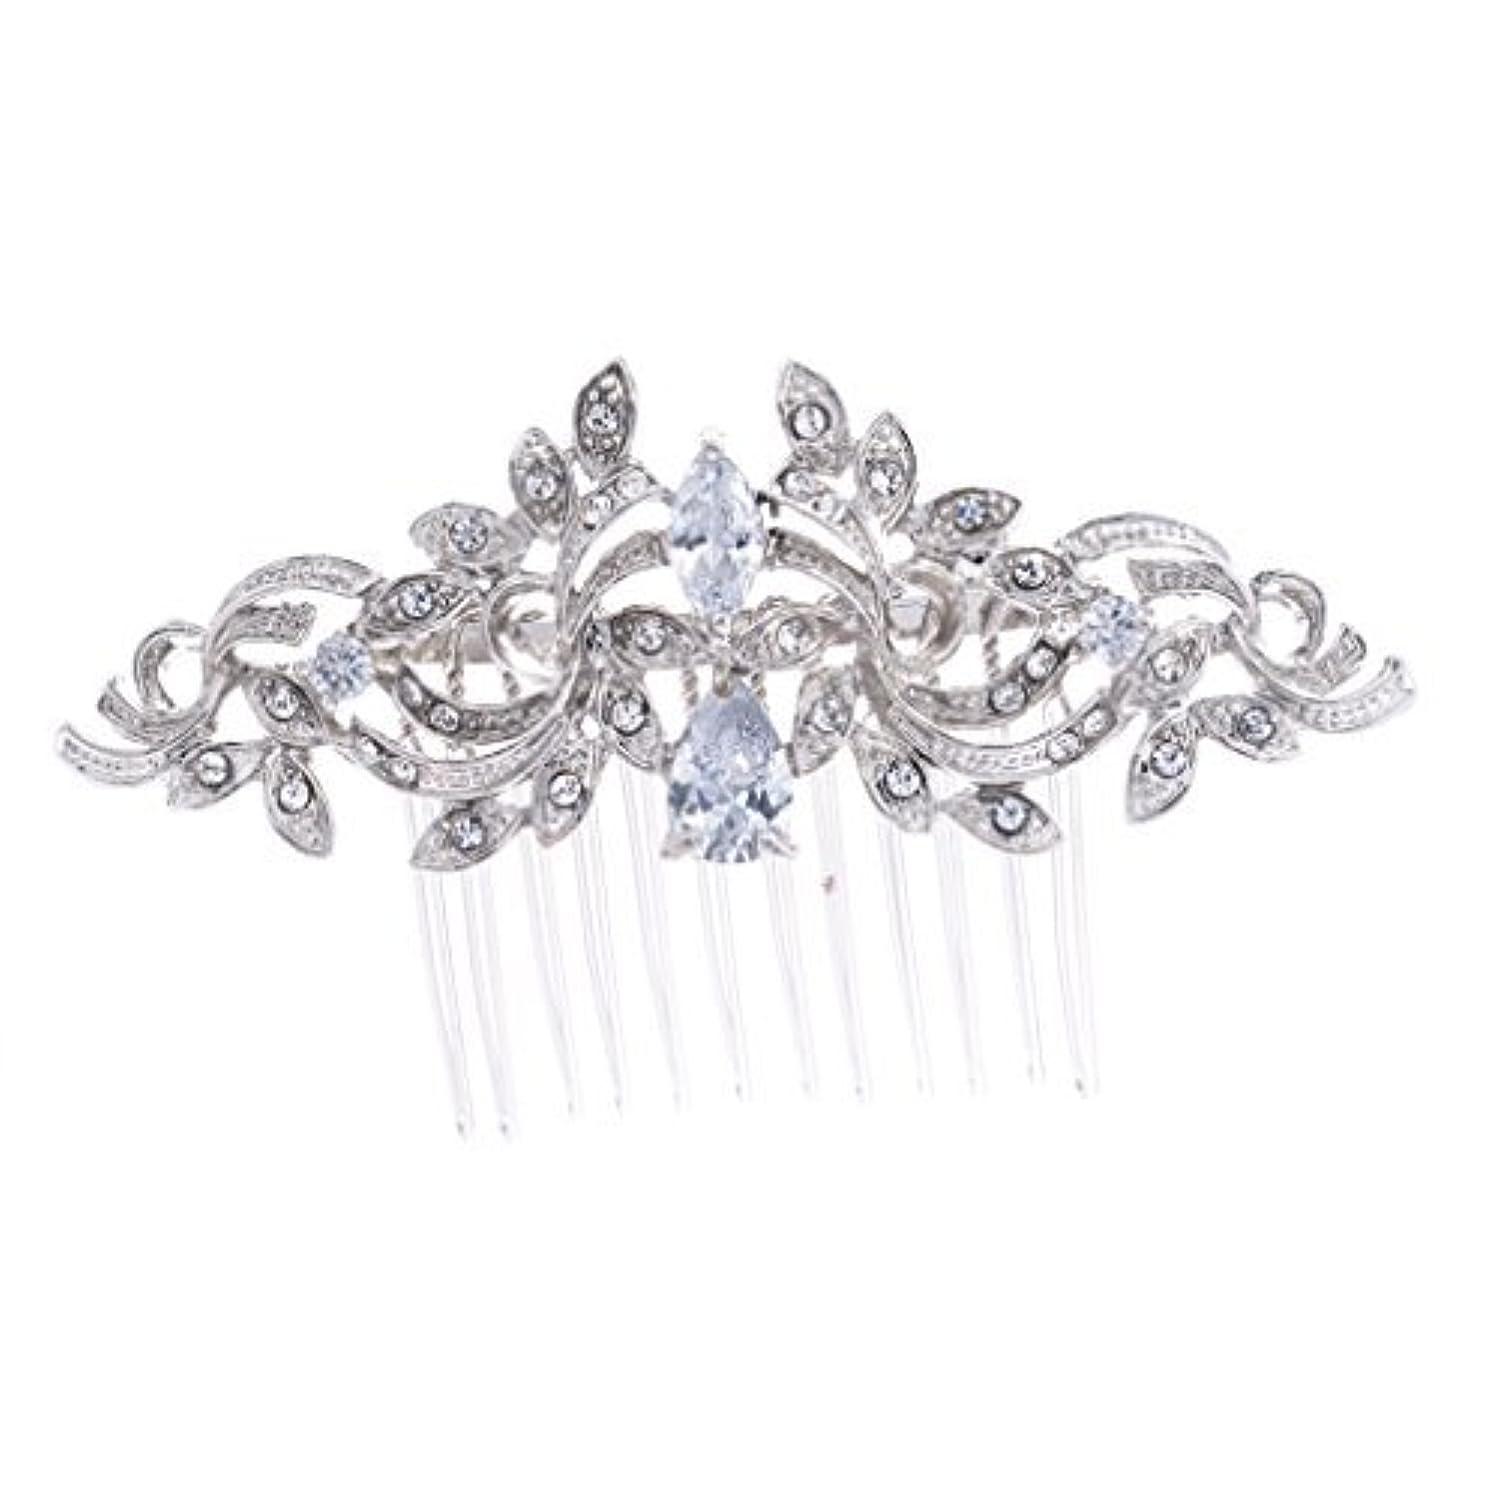 慢なブレイズメトロポリタンSEPBRIDALS Crystal Rhinestone Leaves Hair Comb Hair Pins Bridal Wedding Hair Accessories Jewelry 4012R [並行輸入品]